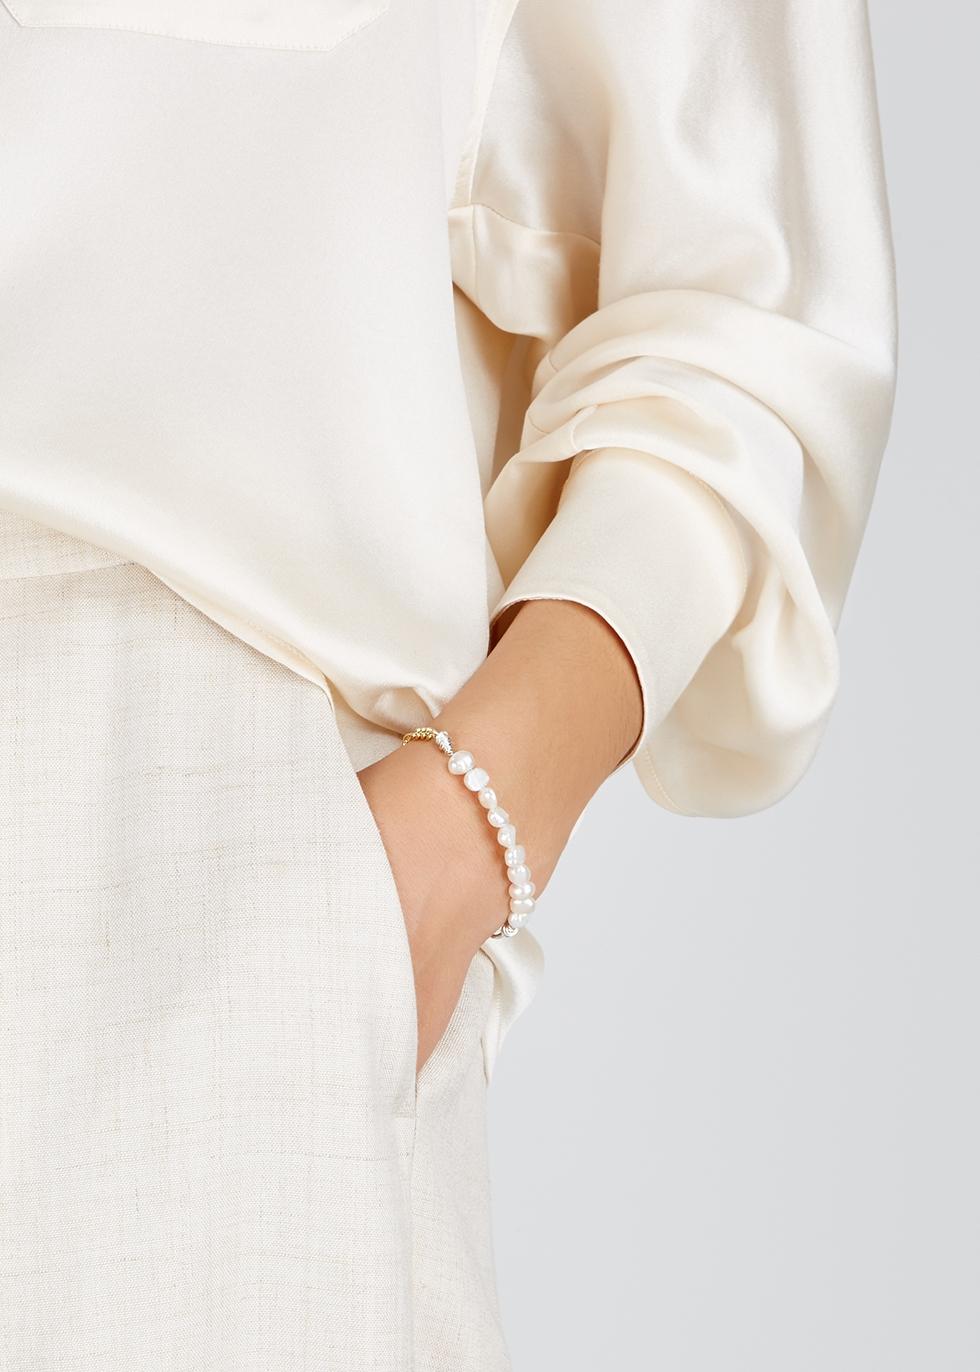 La Vie En Rose pearl gold-plated bracelet - WALD Berlin